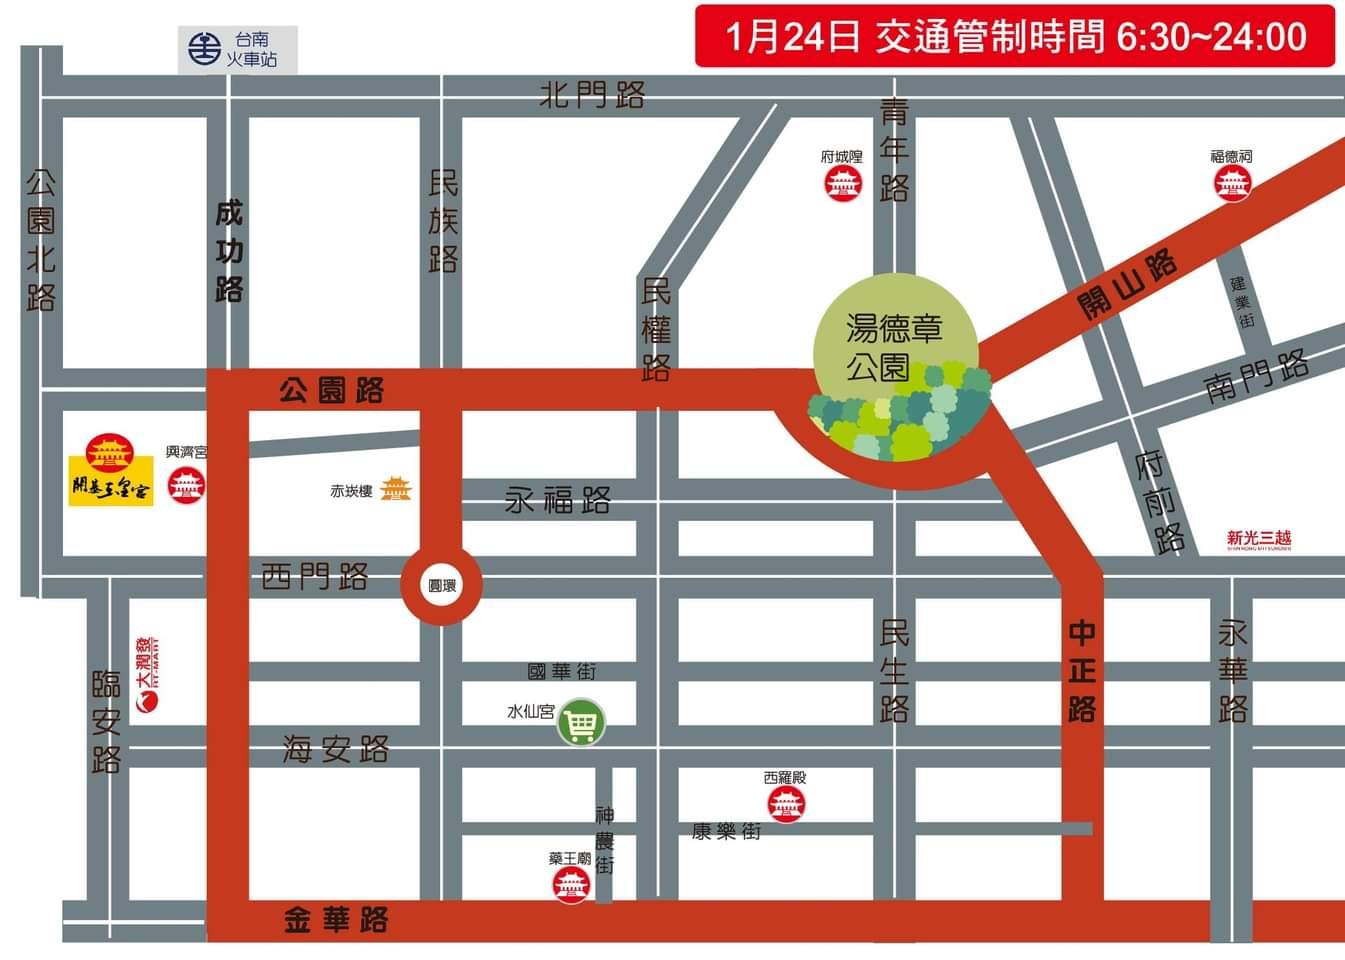 [分享] 玉皇宮:1月24日交通管制 建議車輛勿進